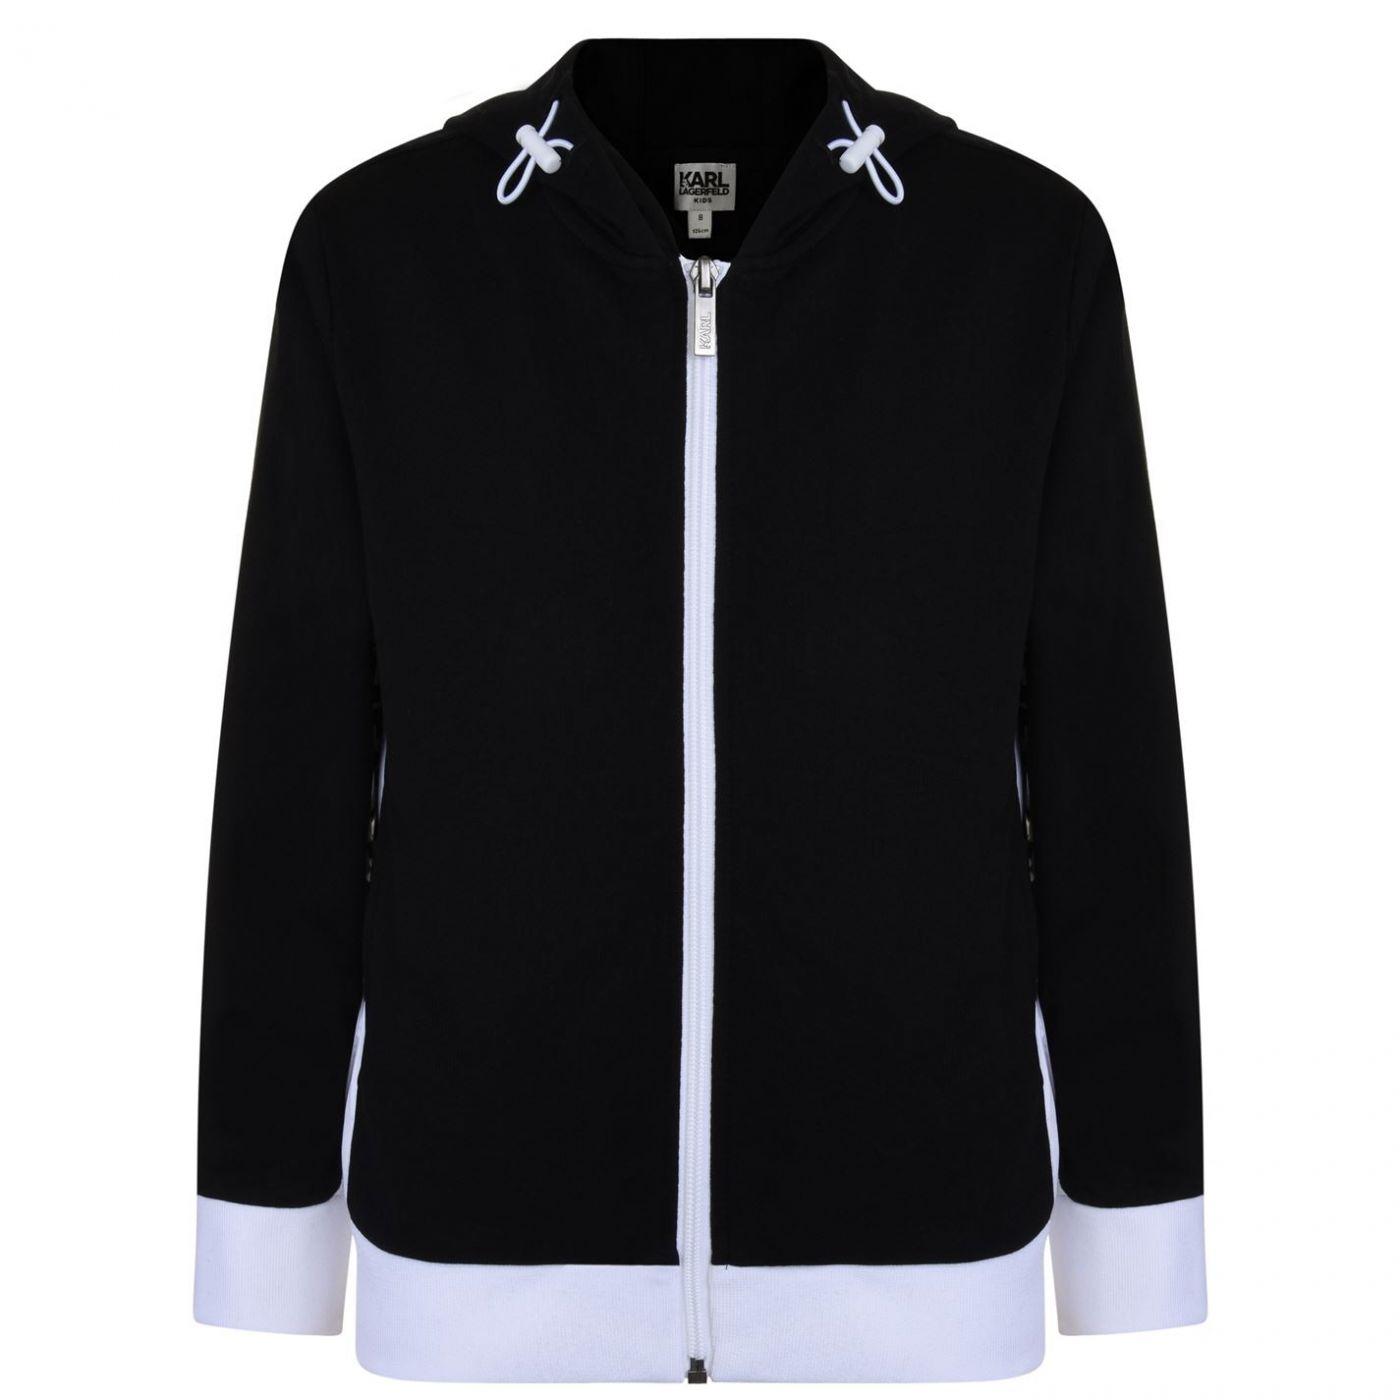 Karl Lagerfeld Boys Zip Hooded Sweatshirt